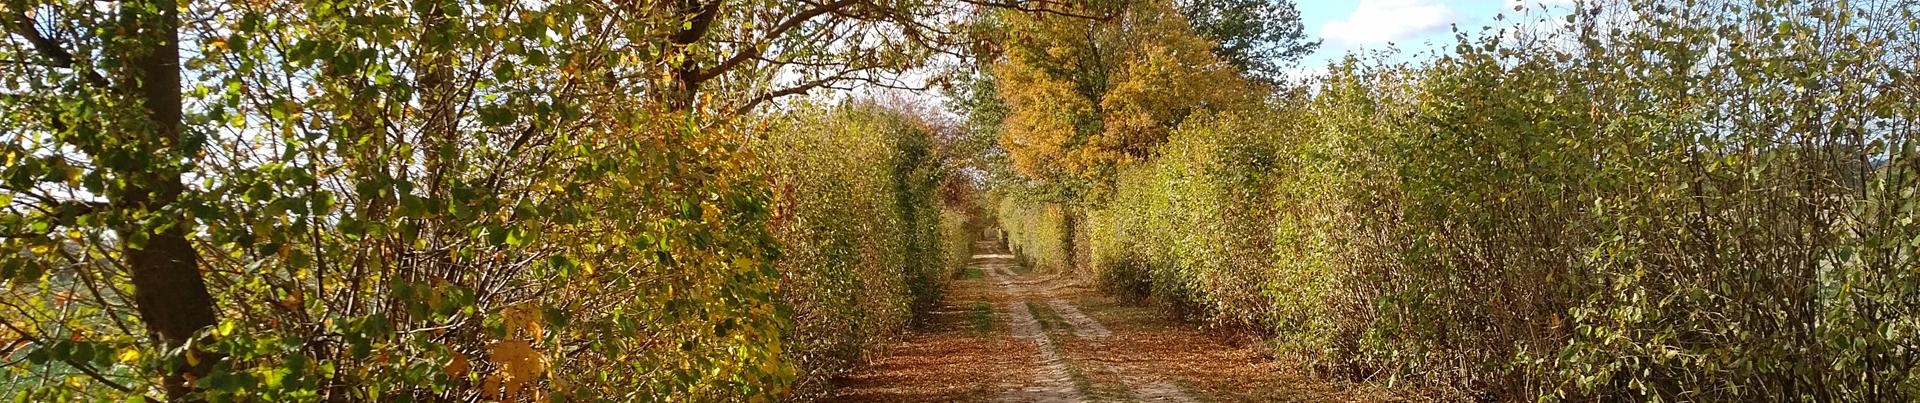 Startseite Herbst5